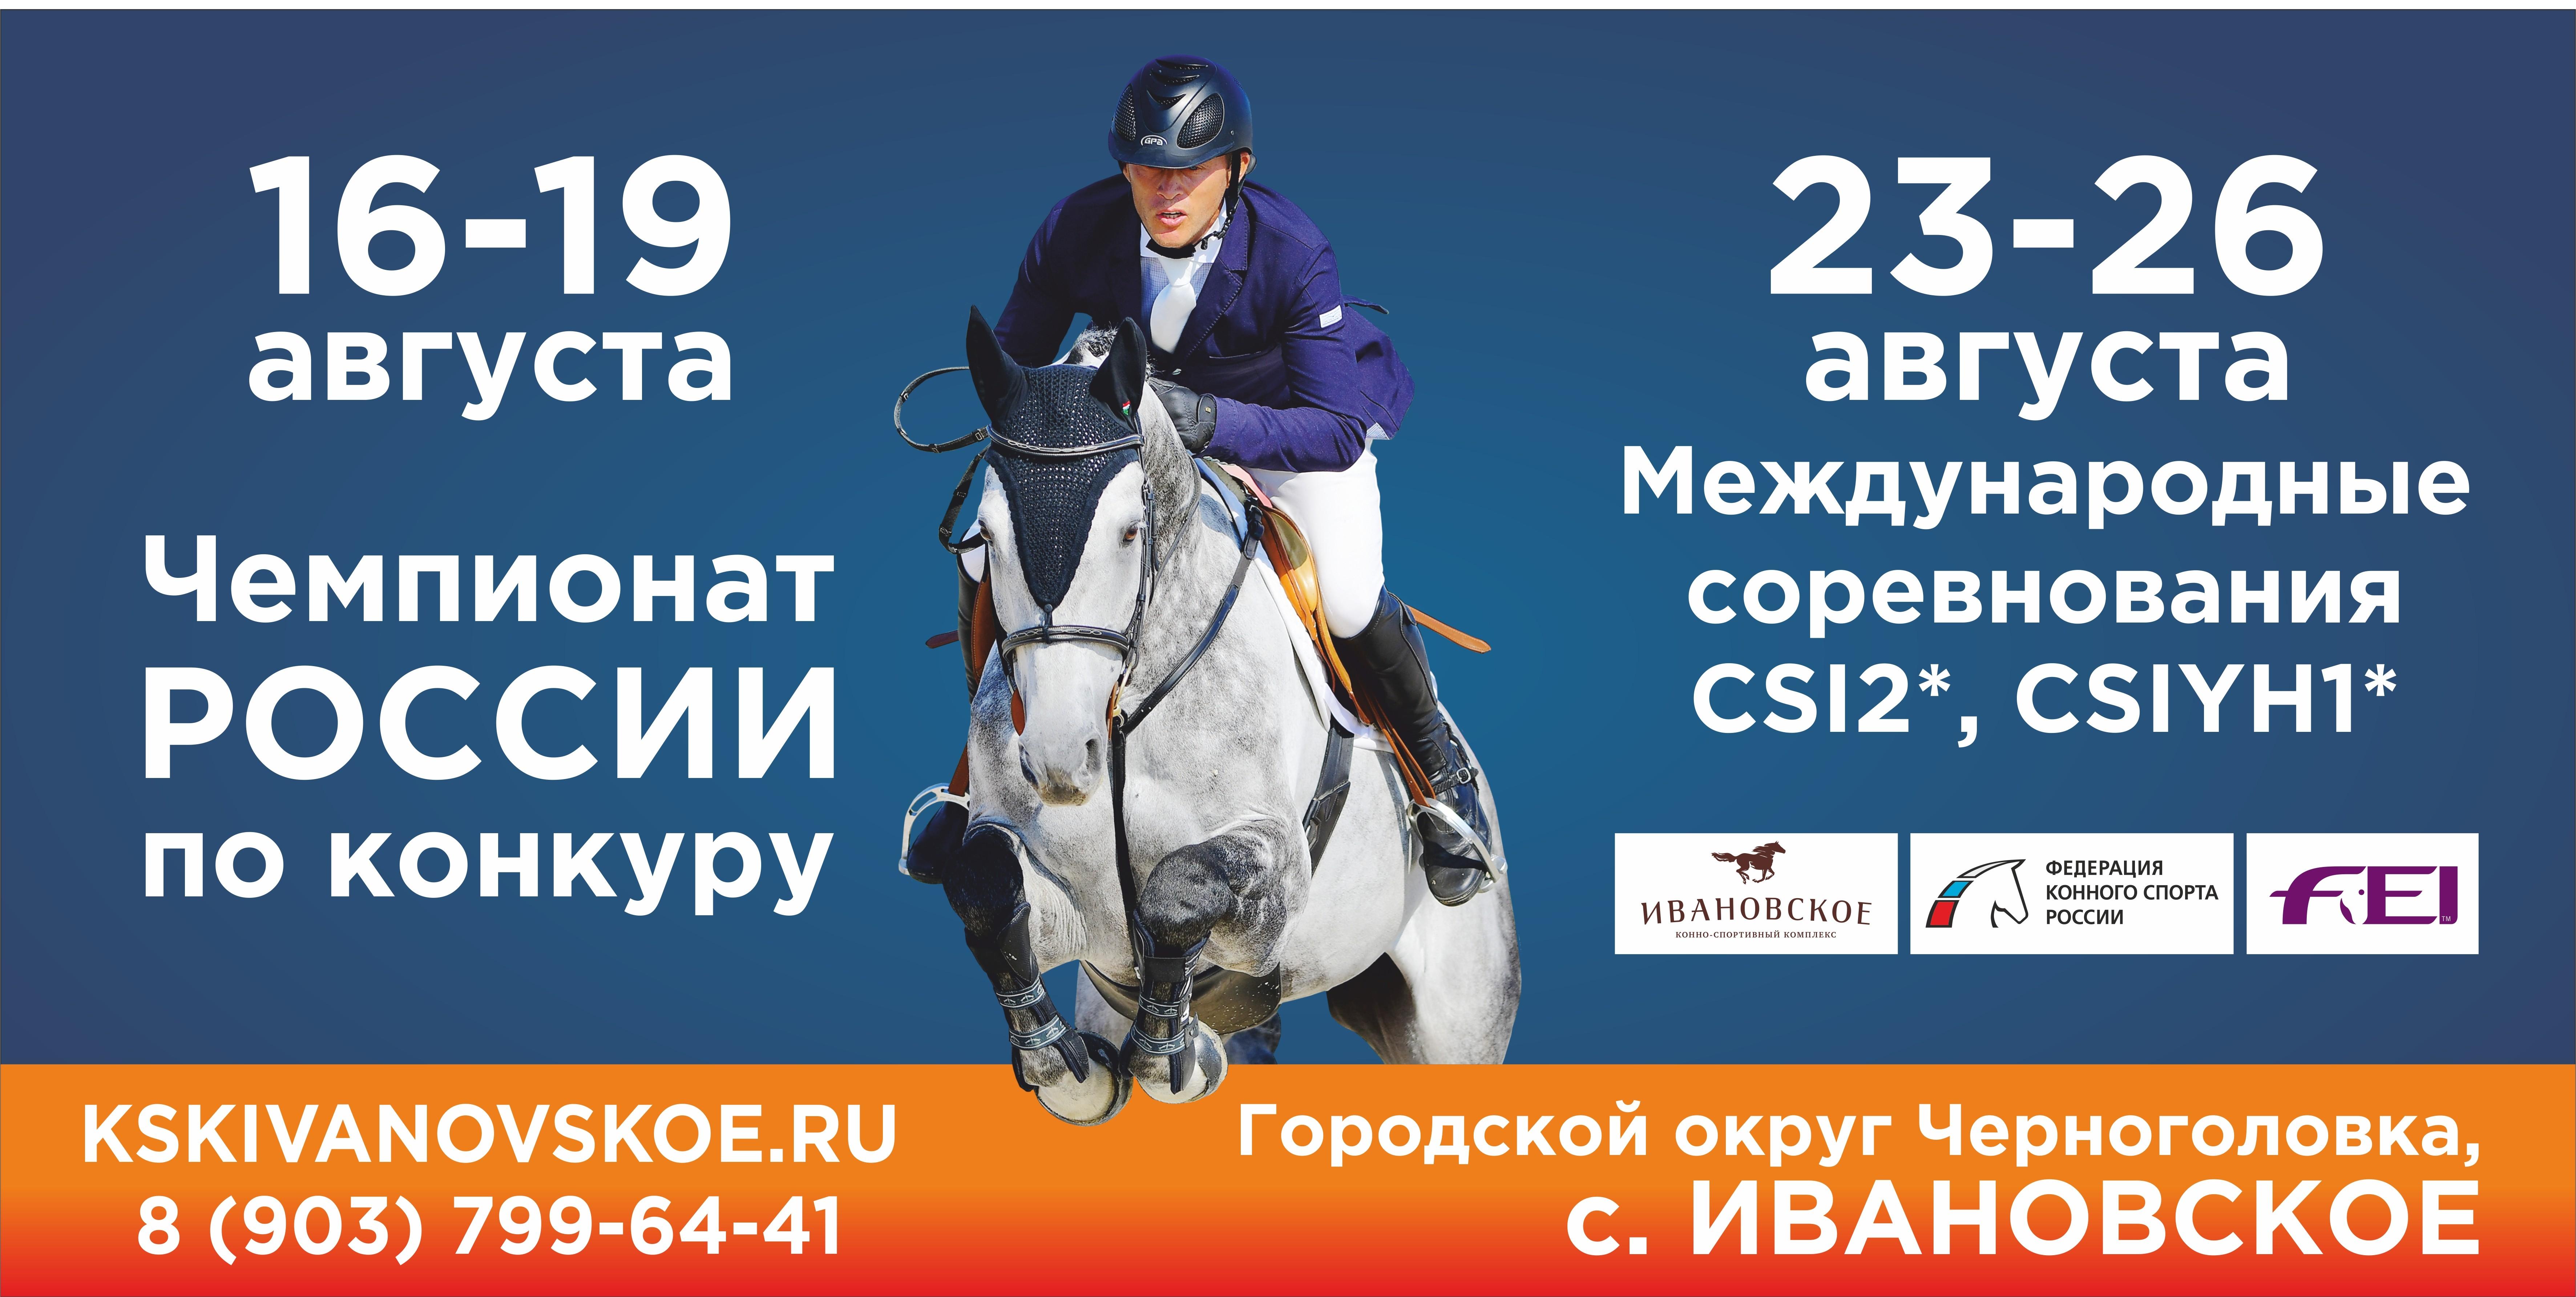 чемпионат России по конкуру 2018 !!!